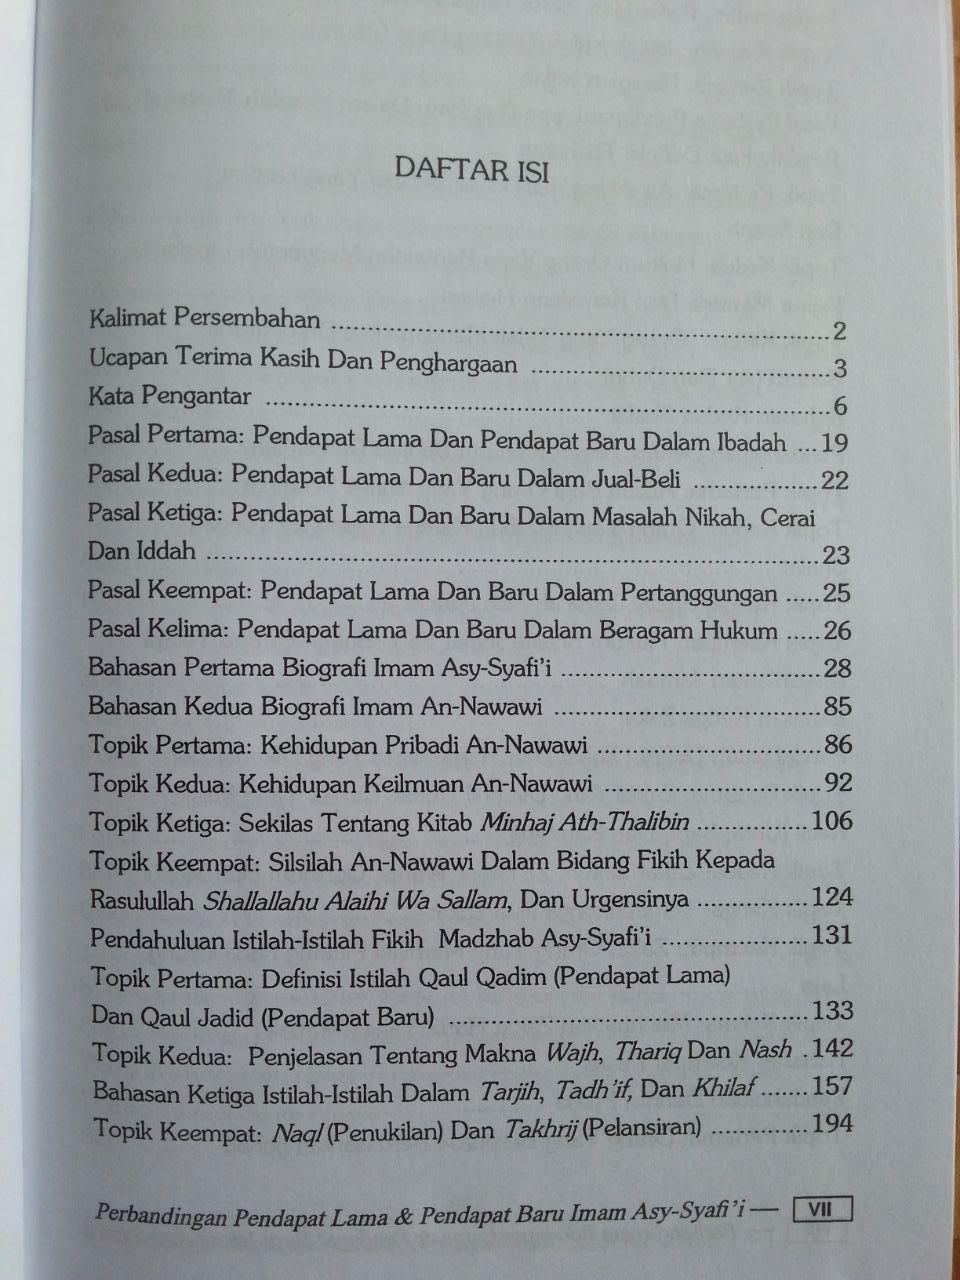 Buku Perbandingan Pendapat Lama Dan Pendapat Baru Imam Asy-Syafi'i isi 3